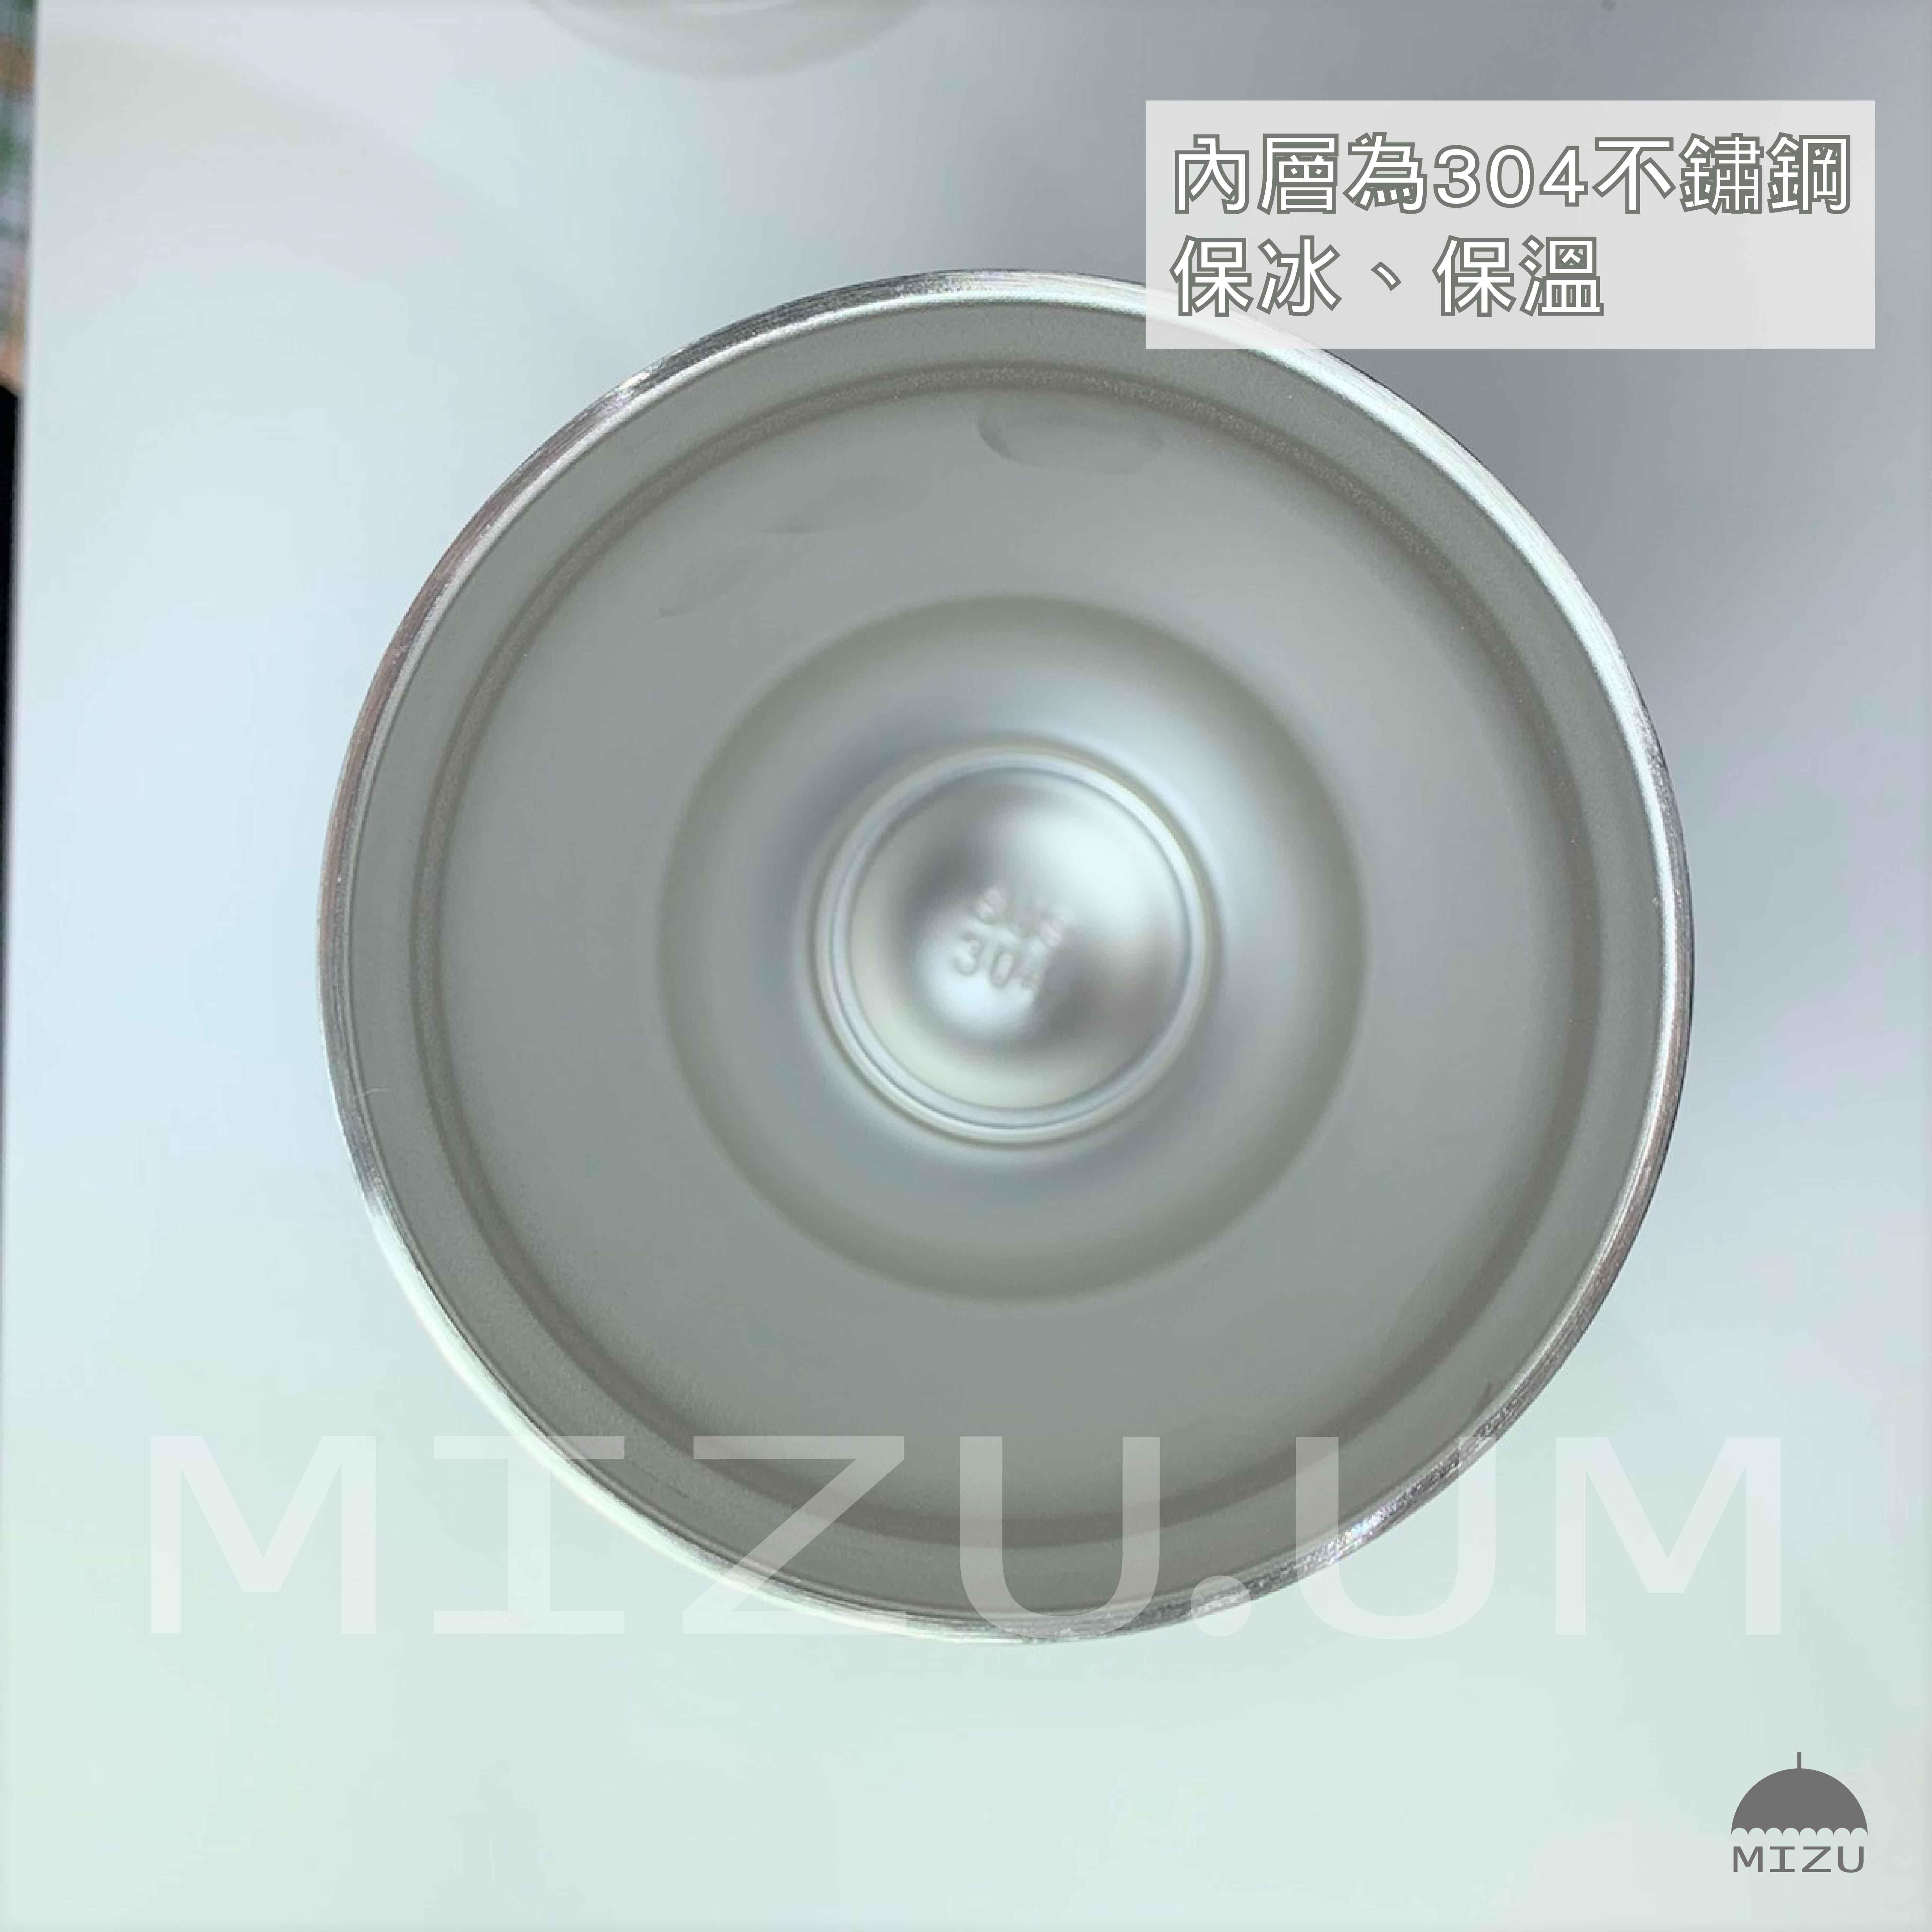 【MIZU】900ML大容量漸層冰壩杯  304不銹鋼含蓋冰壩杯 保冷杯 酷冰杯 保溫杯